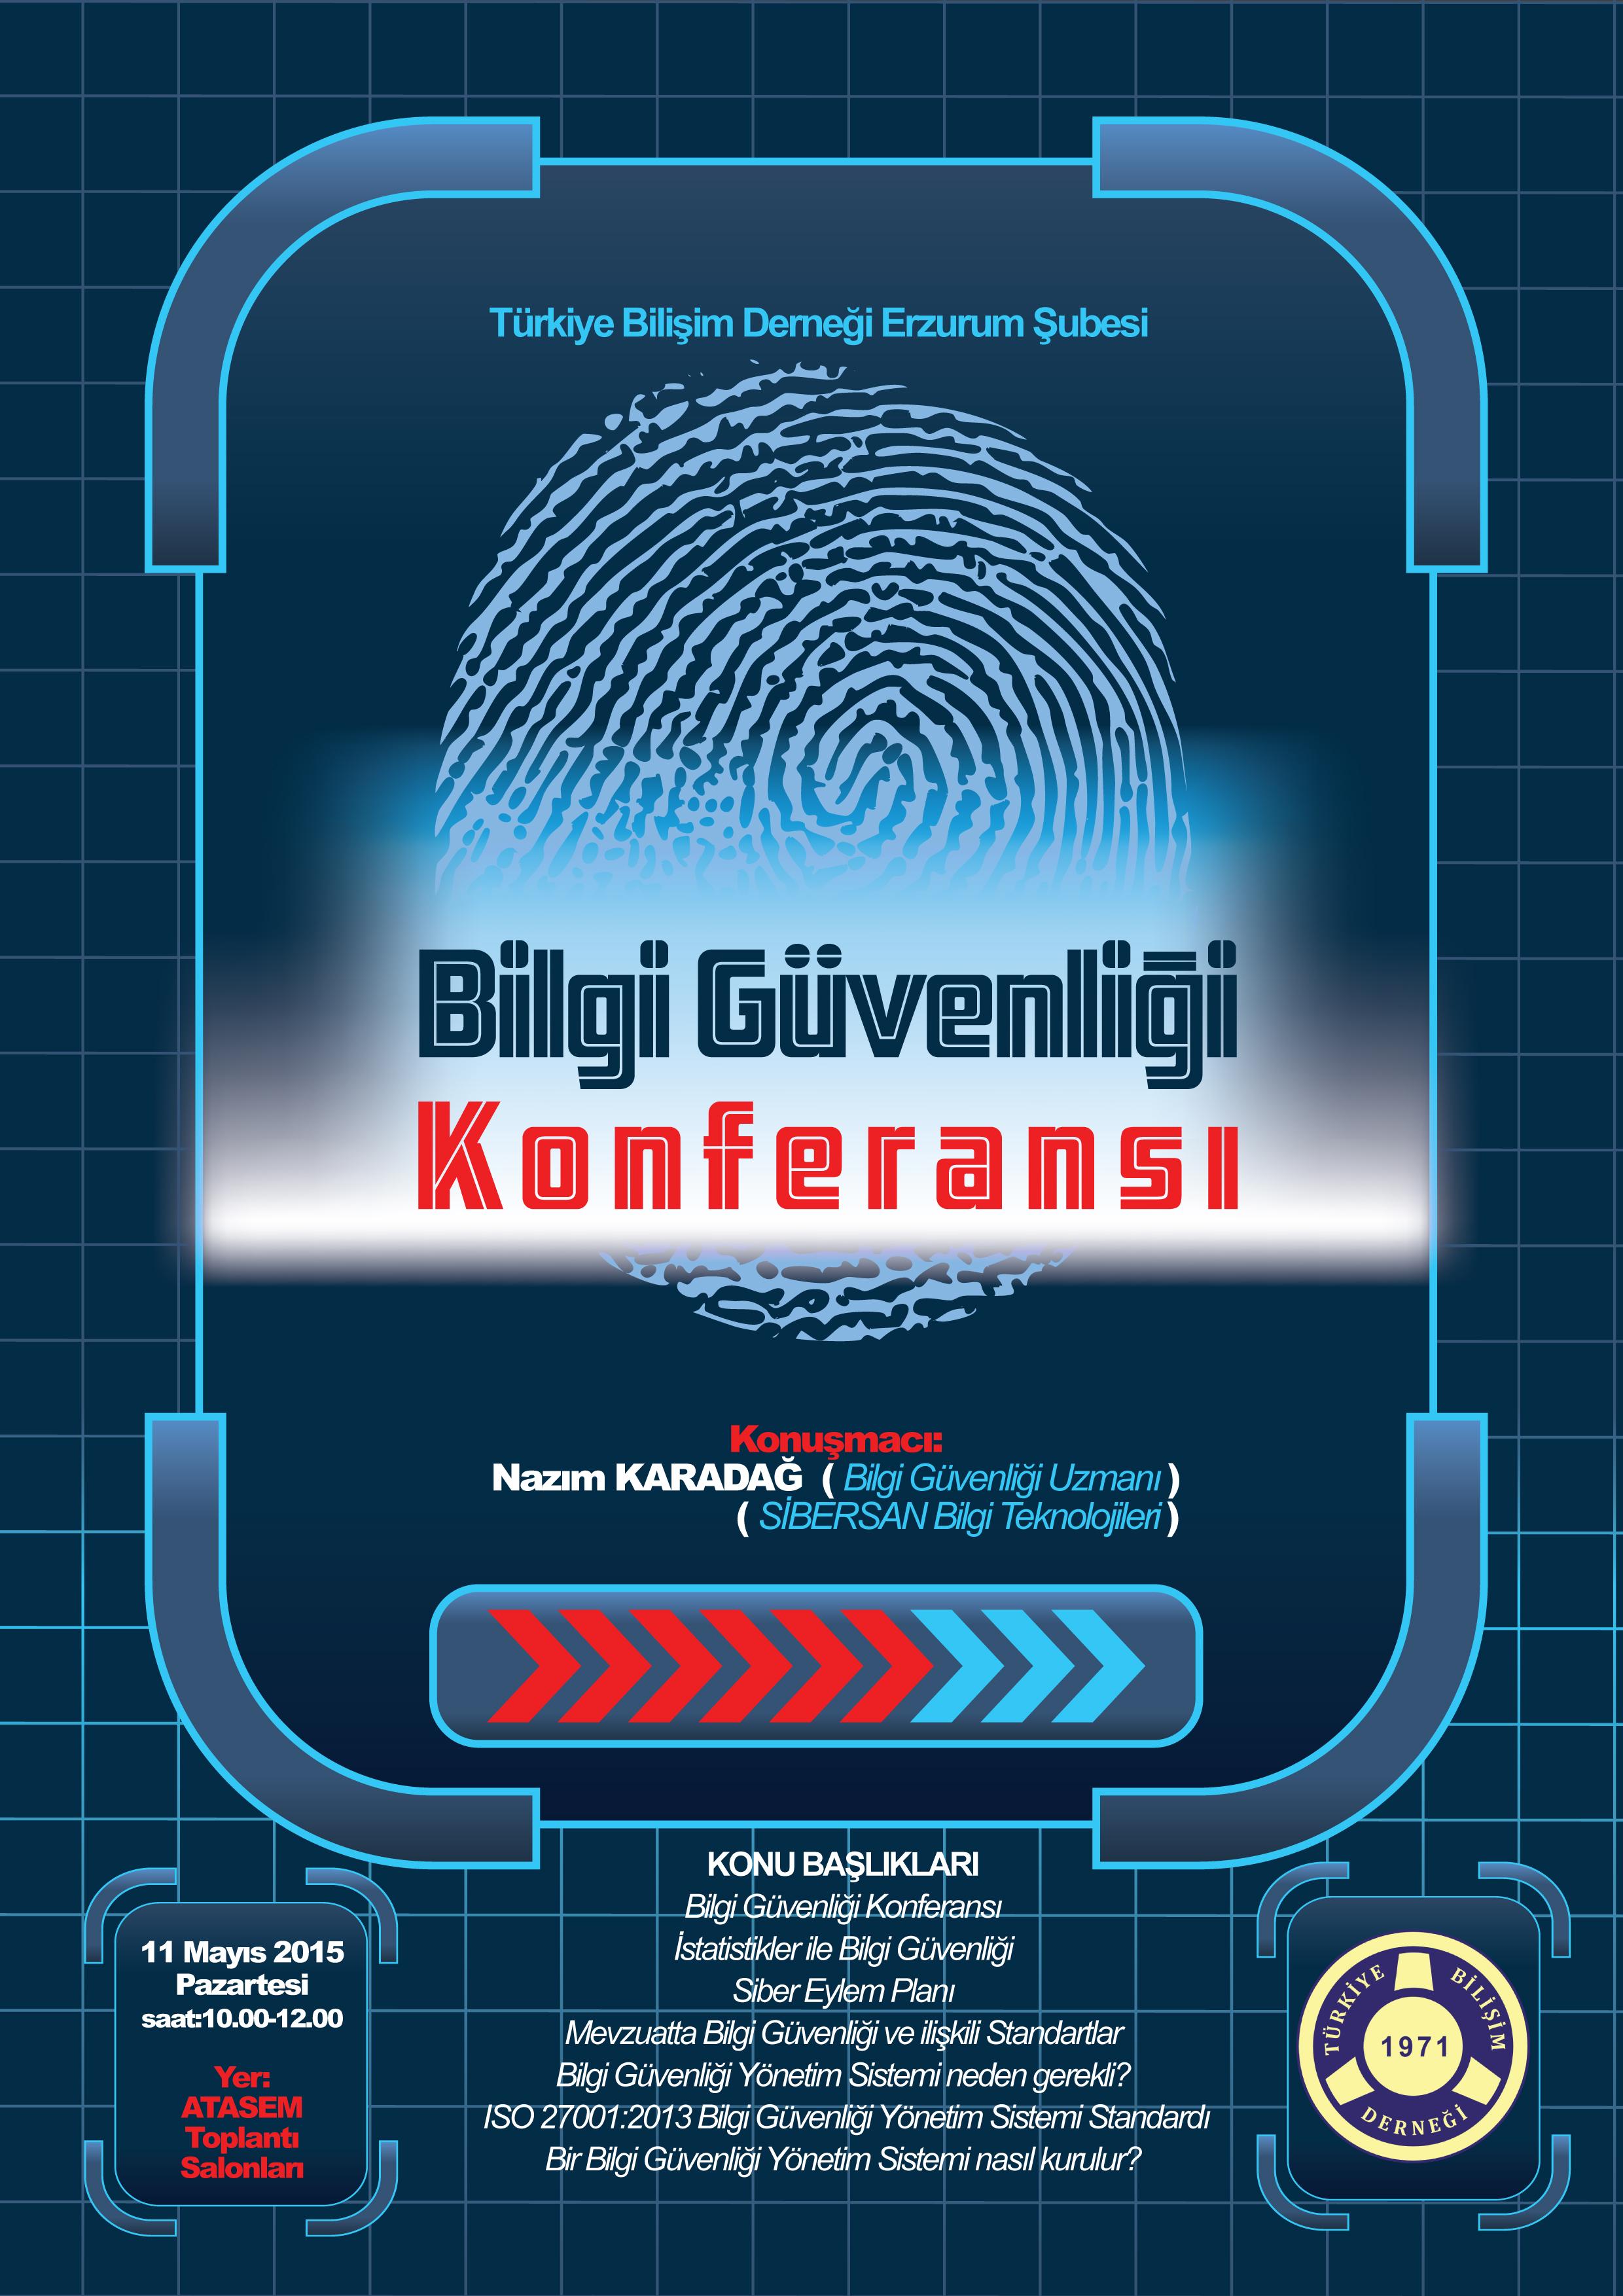 Bilgi Güvenliği